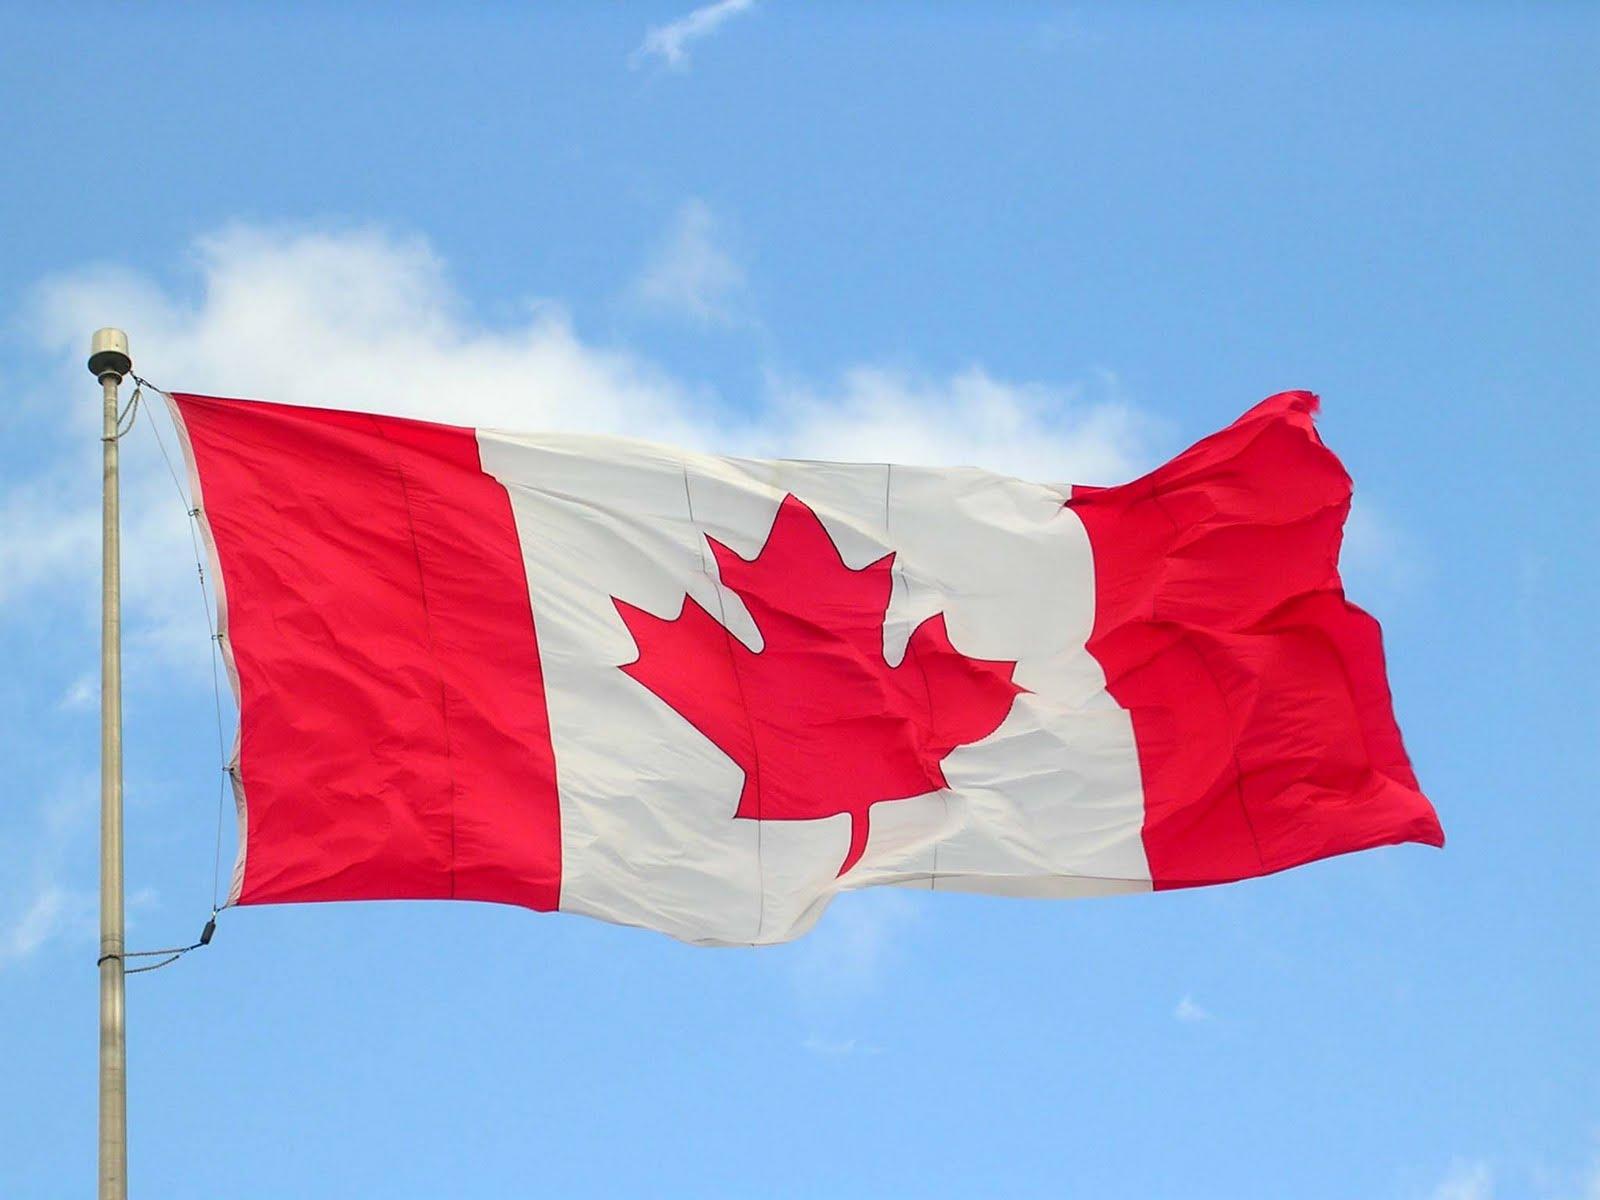 http://3.bp.blogspot.com/-YE06lYZnmfo/TrKs-6-Tl4I/AAAAAAAAC8o/guJJut8Ress/s1600/Canada_flag_halifax_9_-04.jpg